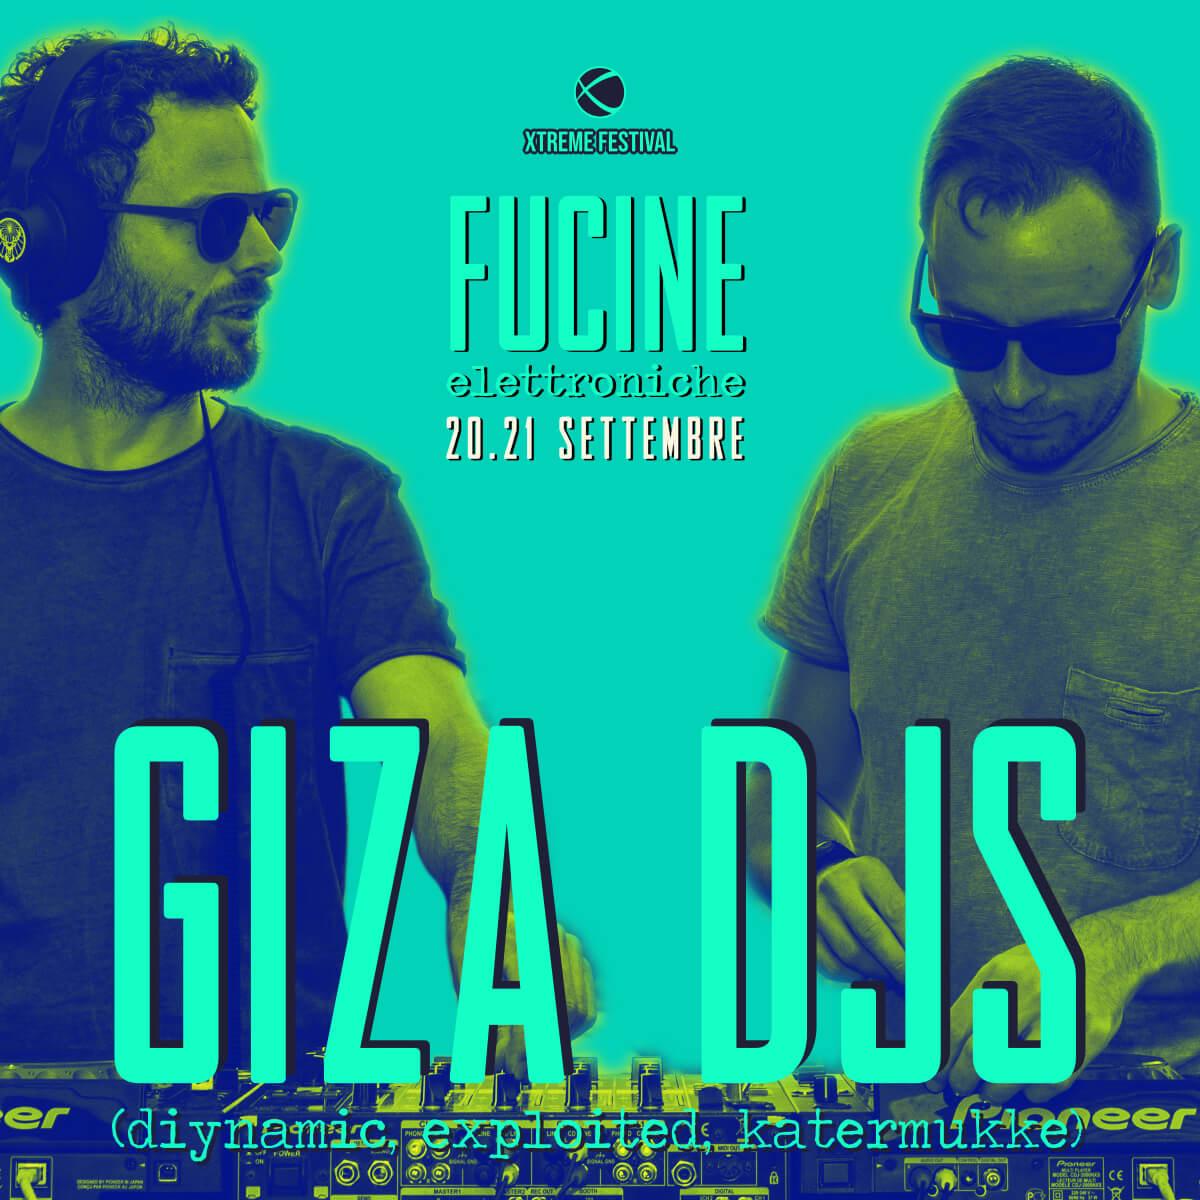 gizA djs - Fucine Elettroniche Belluno - Xtreme Festival